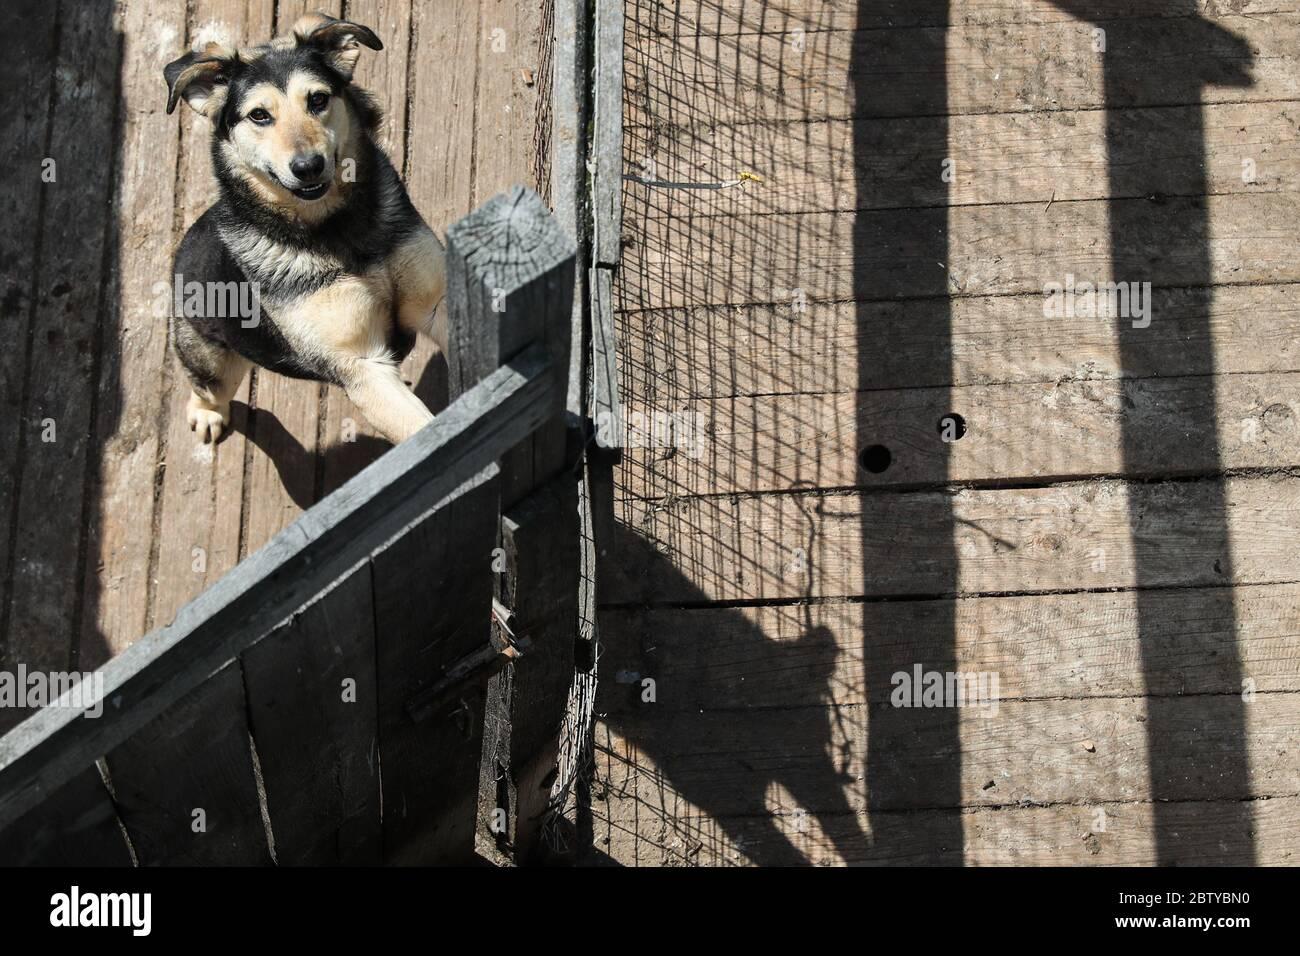 Moscou, Russie. 28 mai 2020. Un chien au refuge pour animaux de bienfaisance d'Alma. Crédit : Vladimir Gerdo/TASS/Alay Live News Banque D'Images